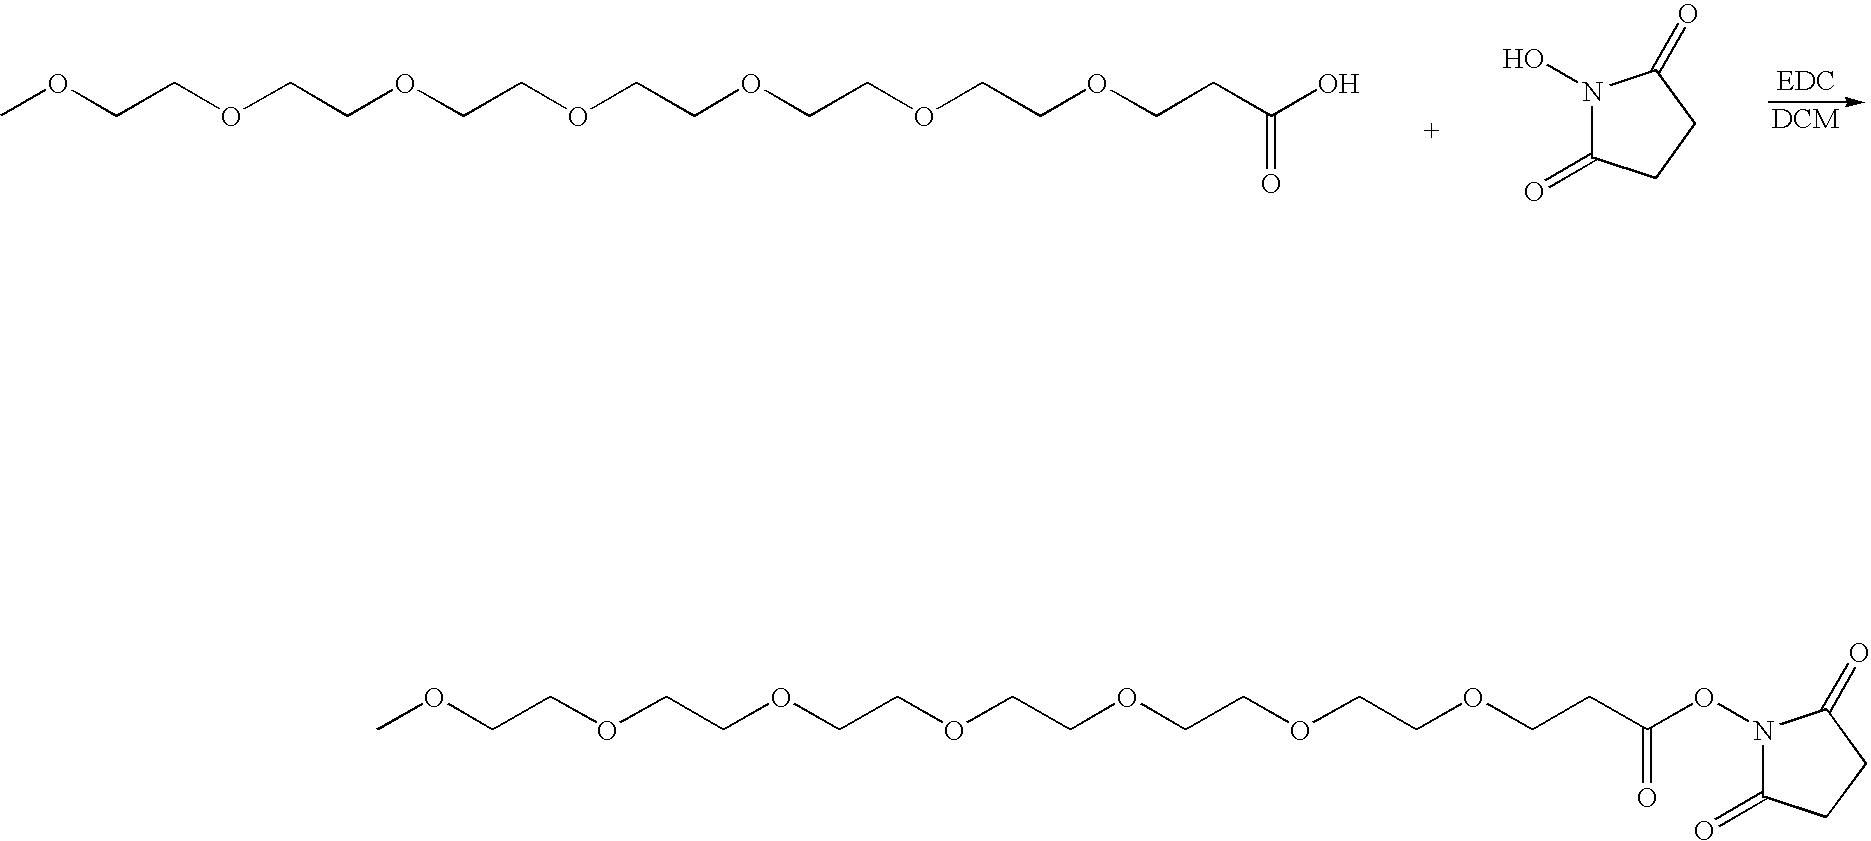 Figure US20060019873A1-20060126-C00018